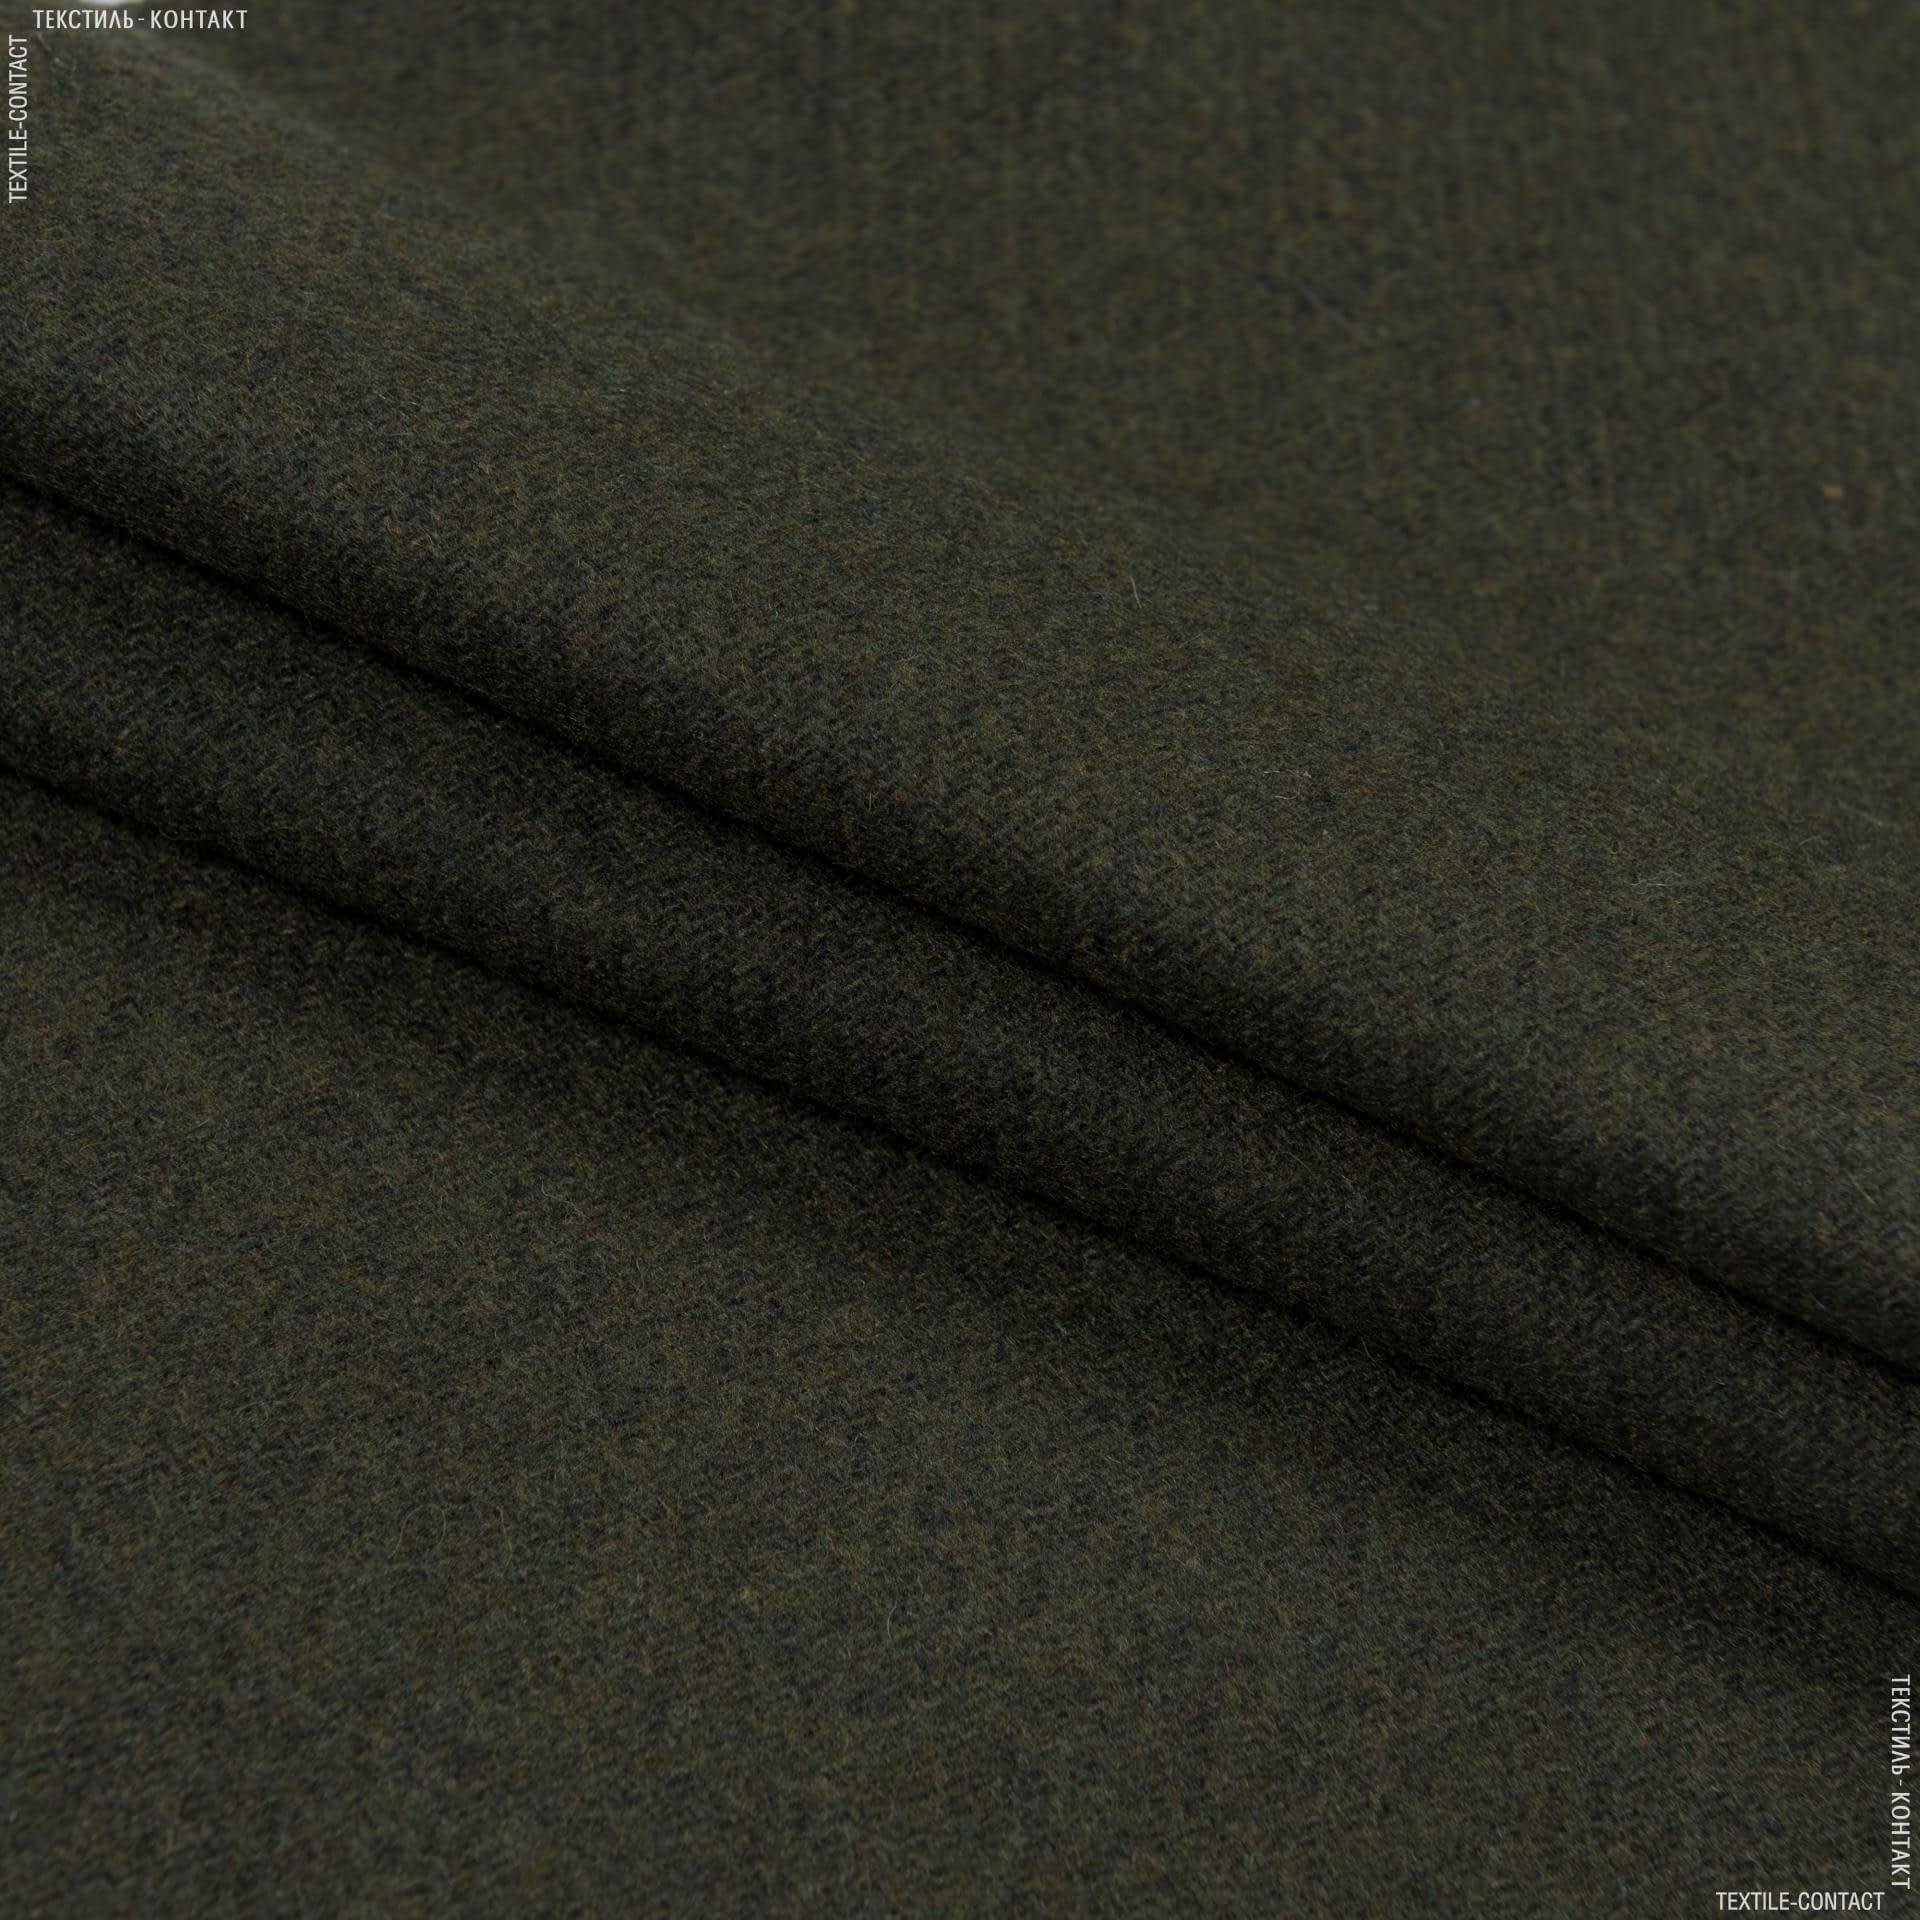 Тканини для верхнього одягу - Пальтова діагональ болотяний